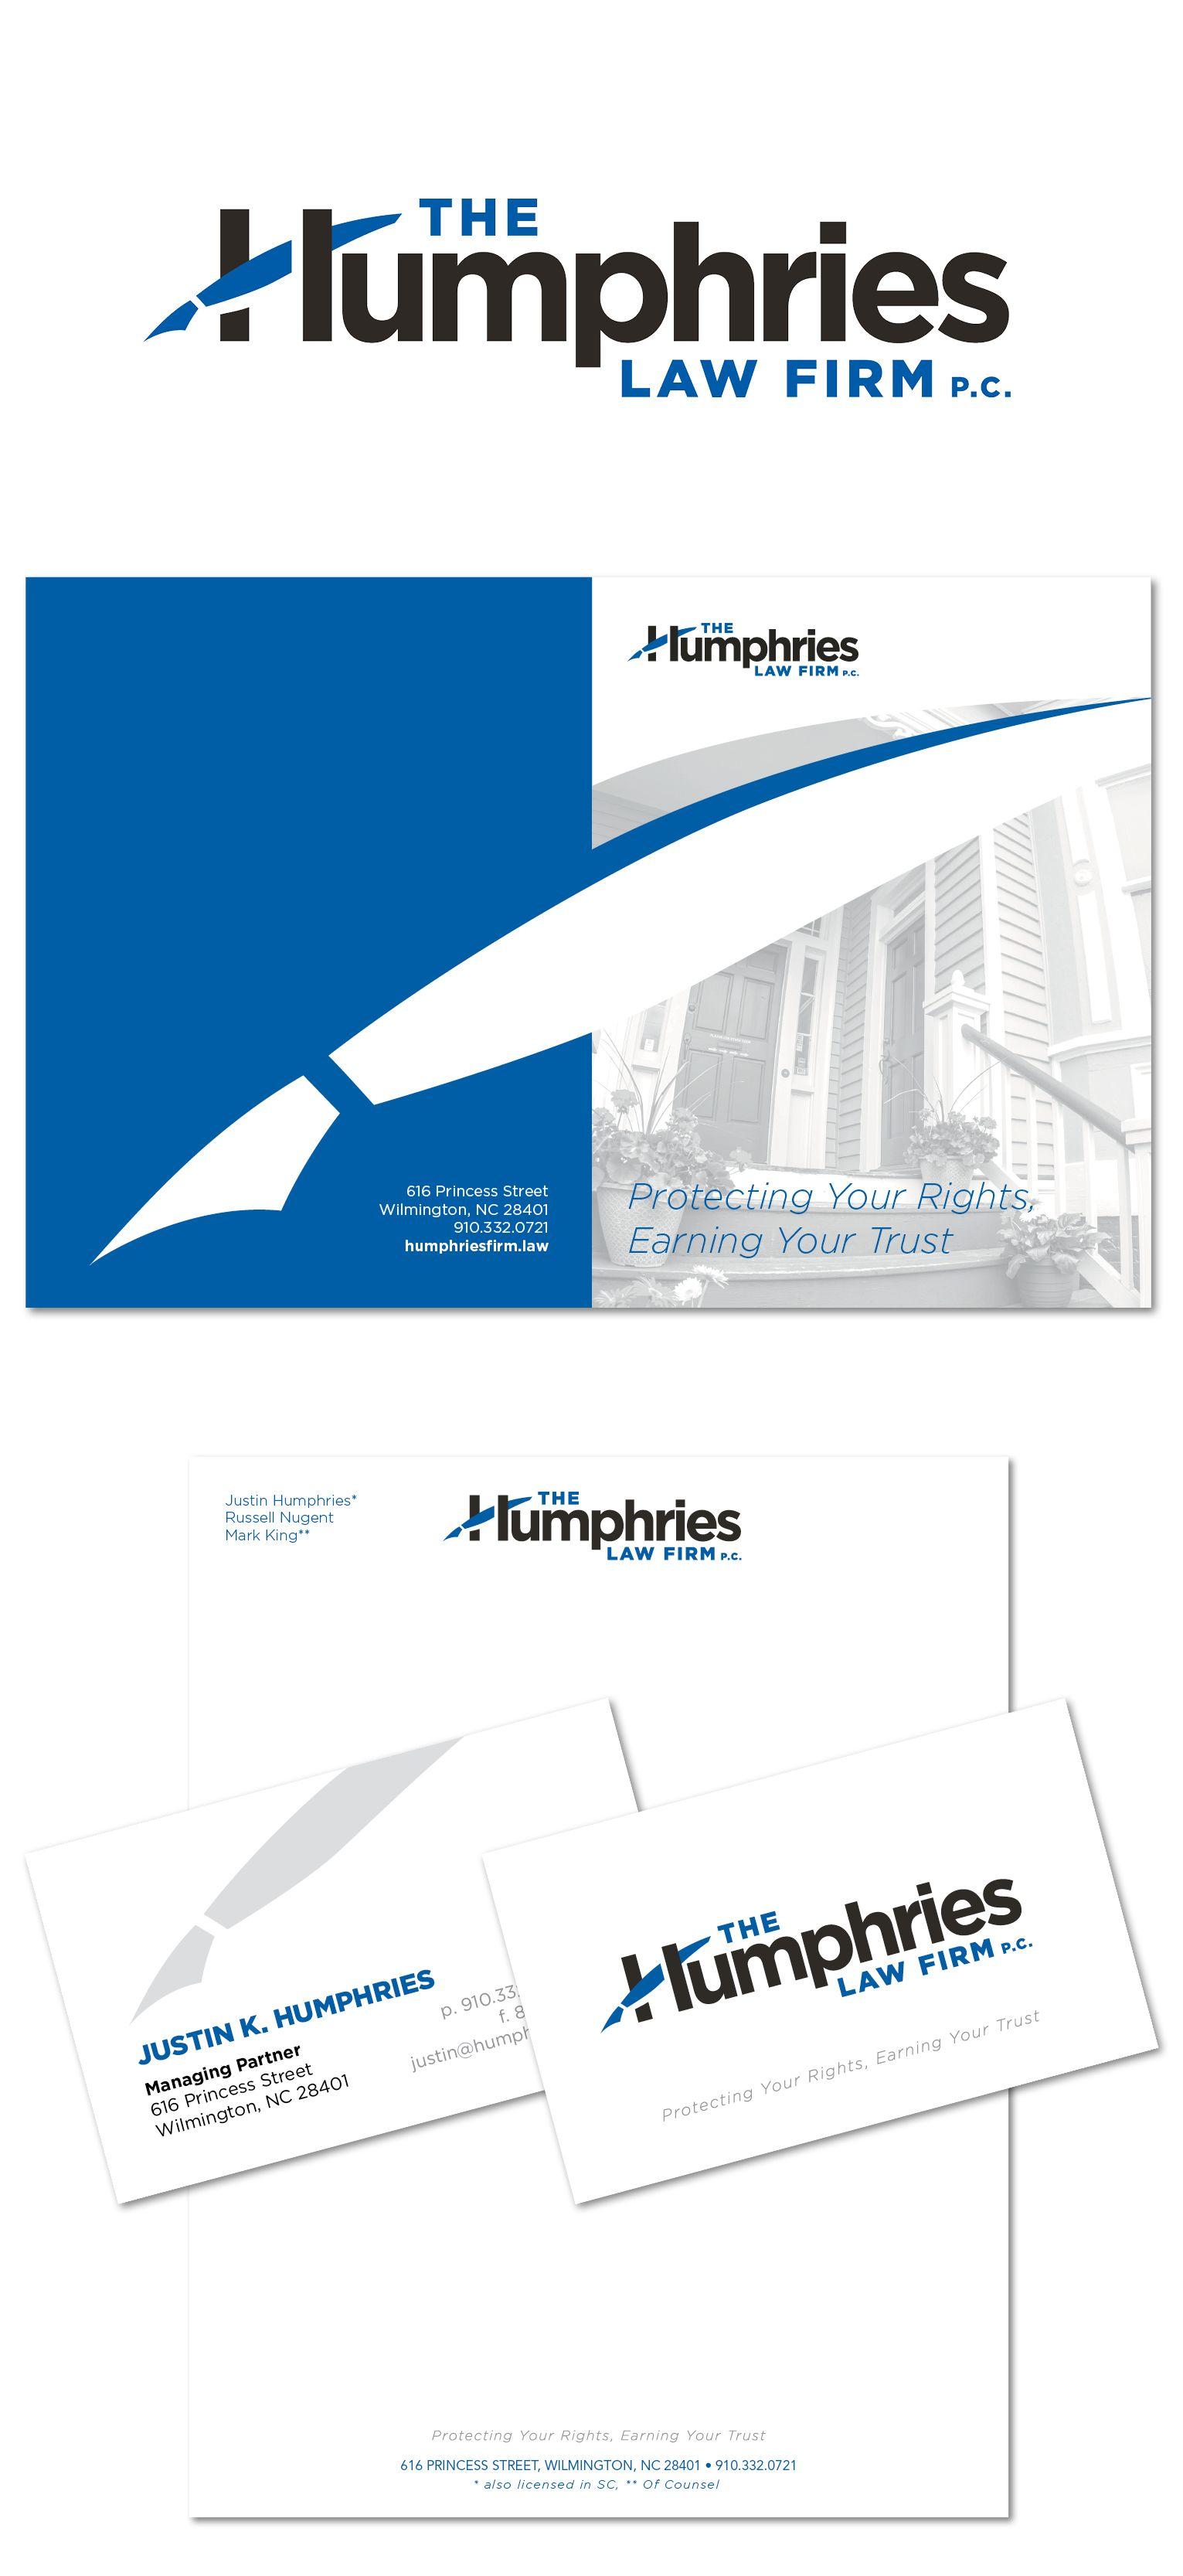 logo folder business cards letterhead branding